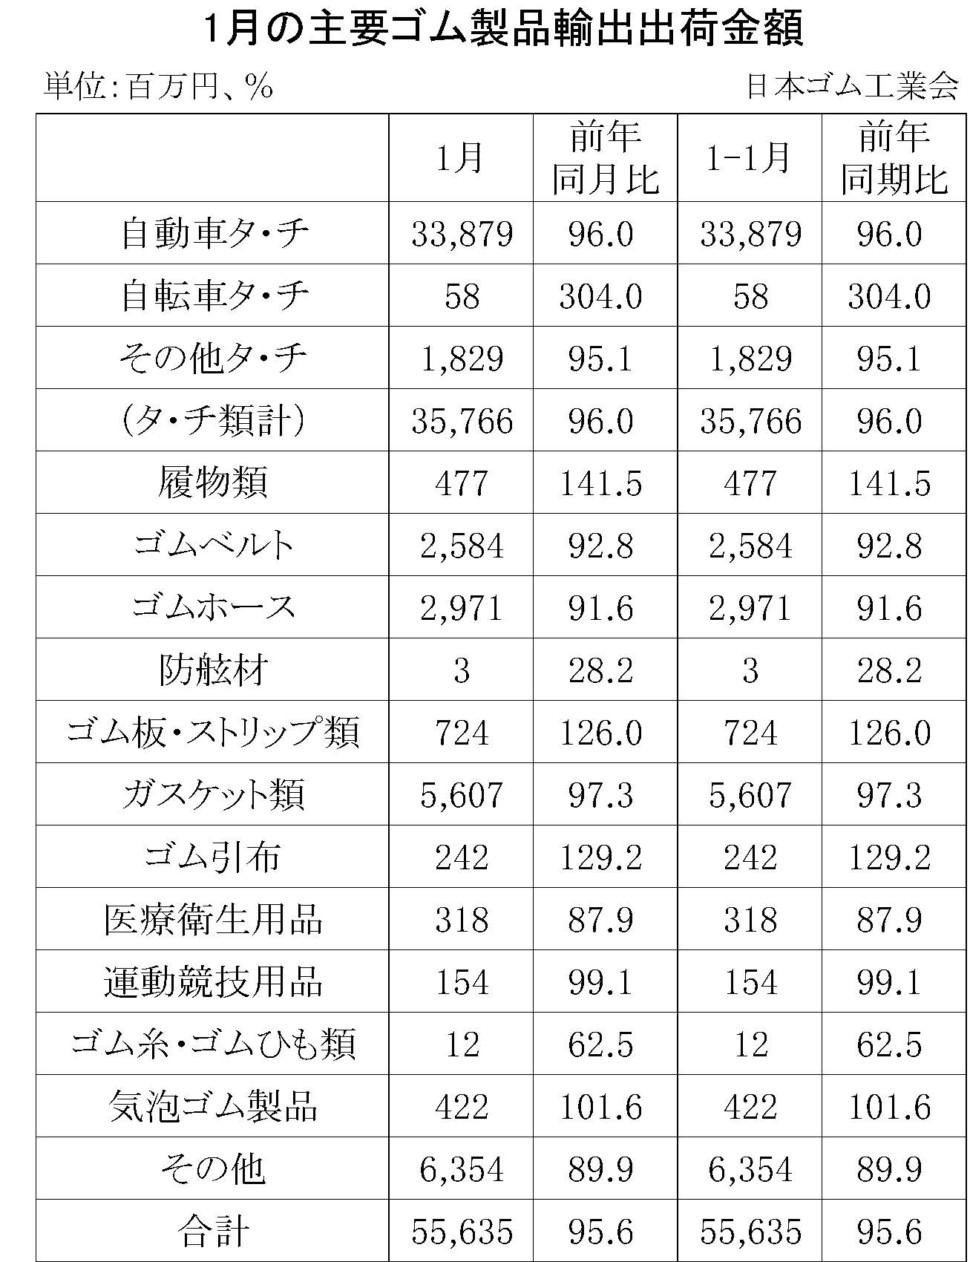 1月のゴム製品輸出